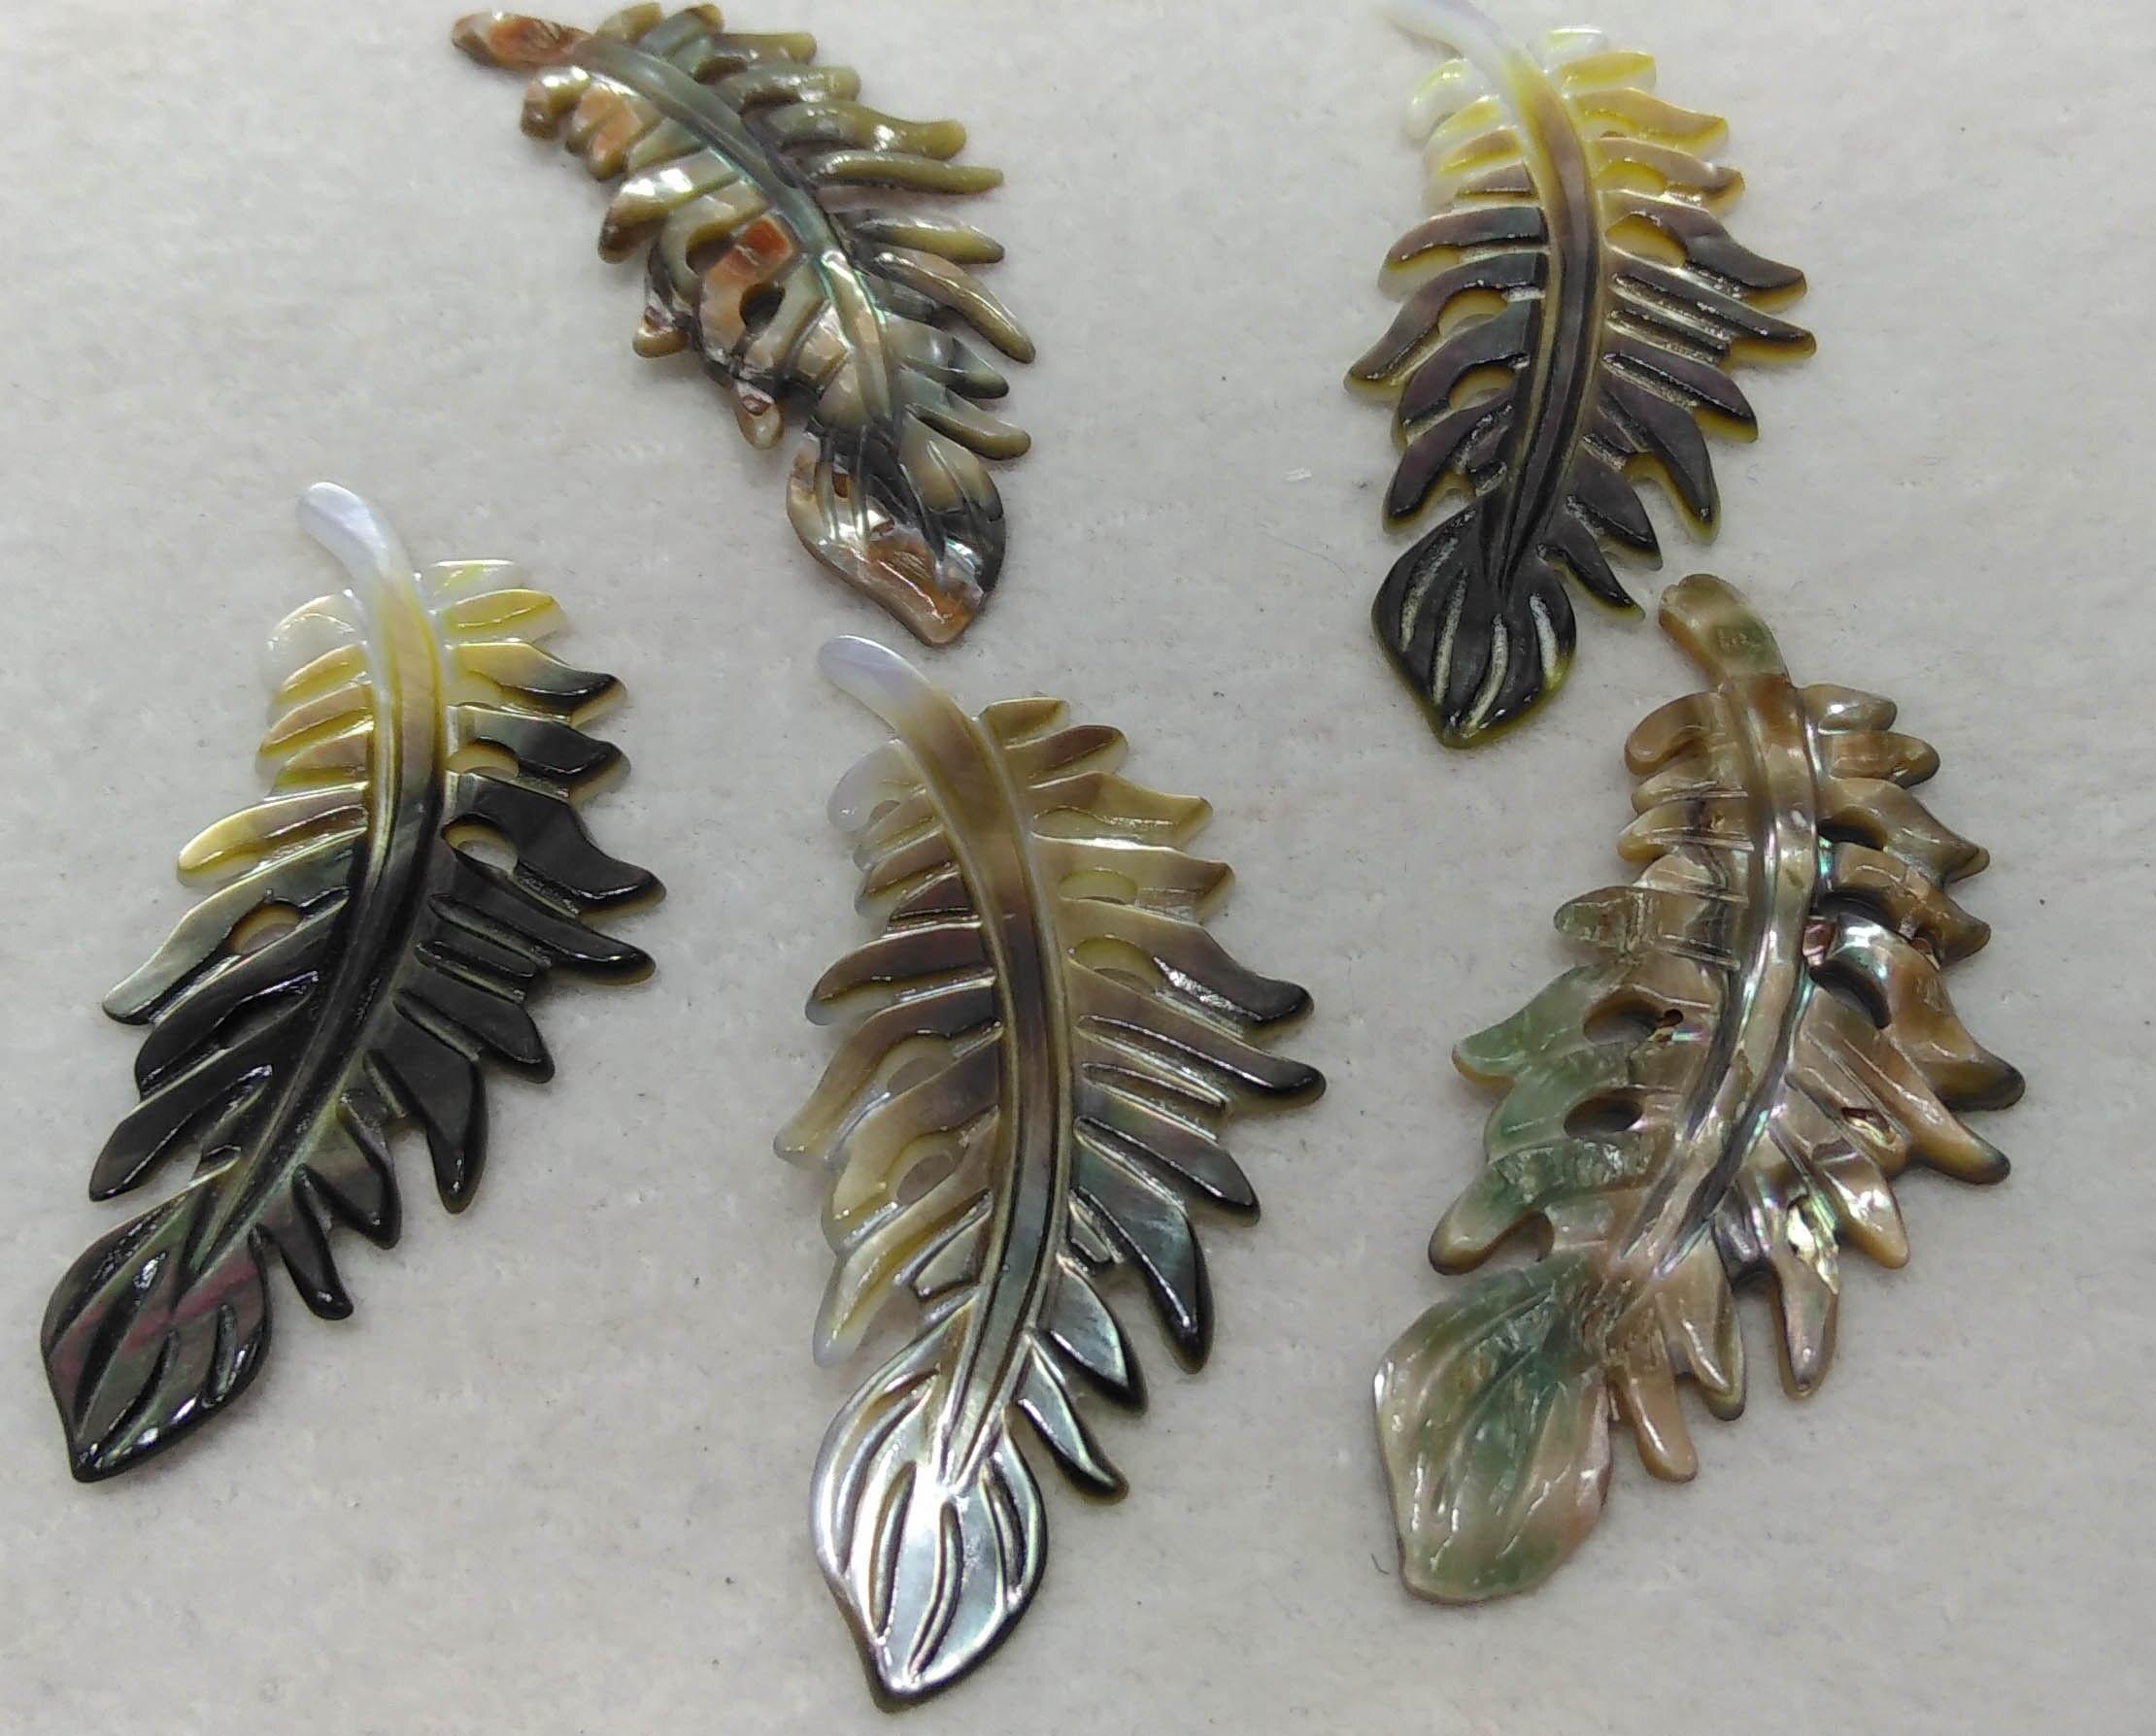 6 pièces de Nacre Naturelle Tropical Monstera Feuille Pendentifs Sculptés À La Main Noir Feuille de Coquille Perles focal 40mm de haute qualité